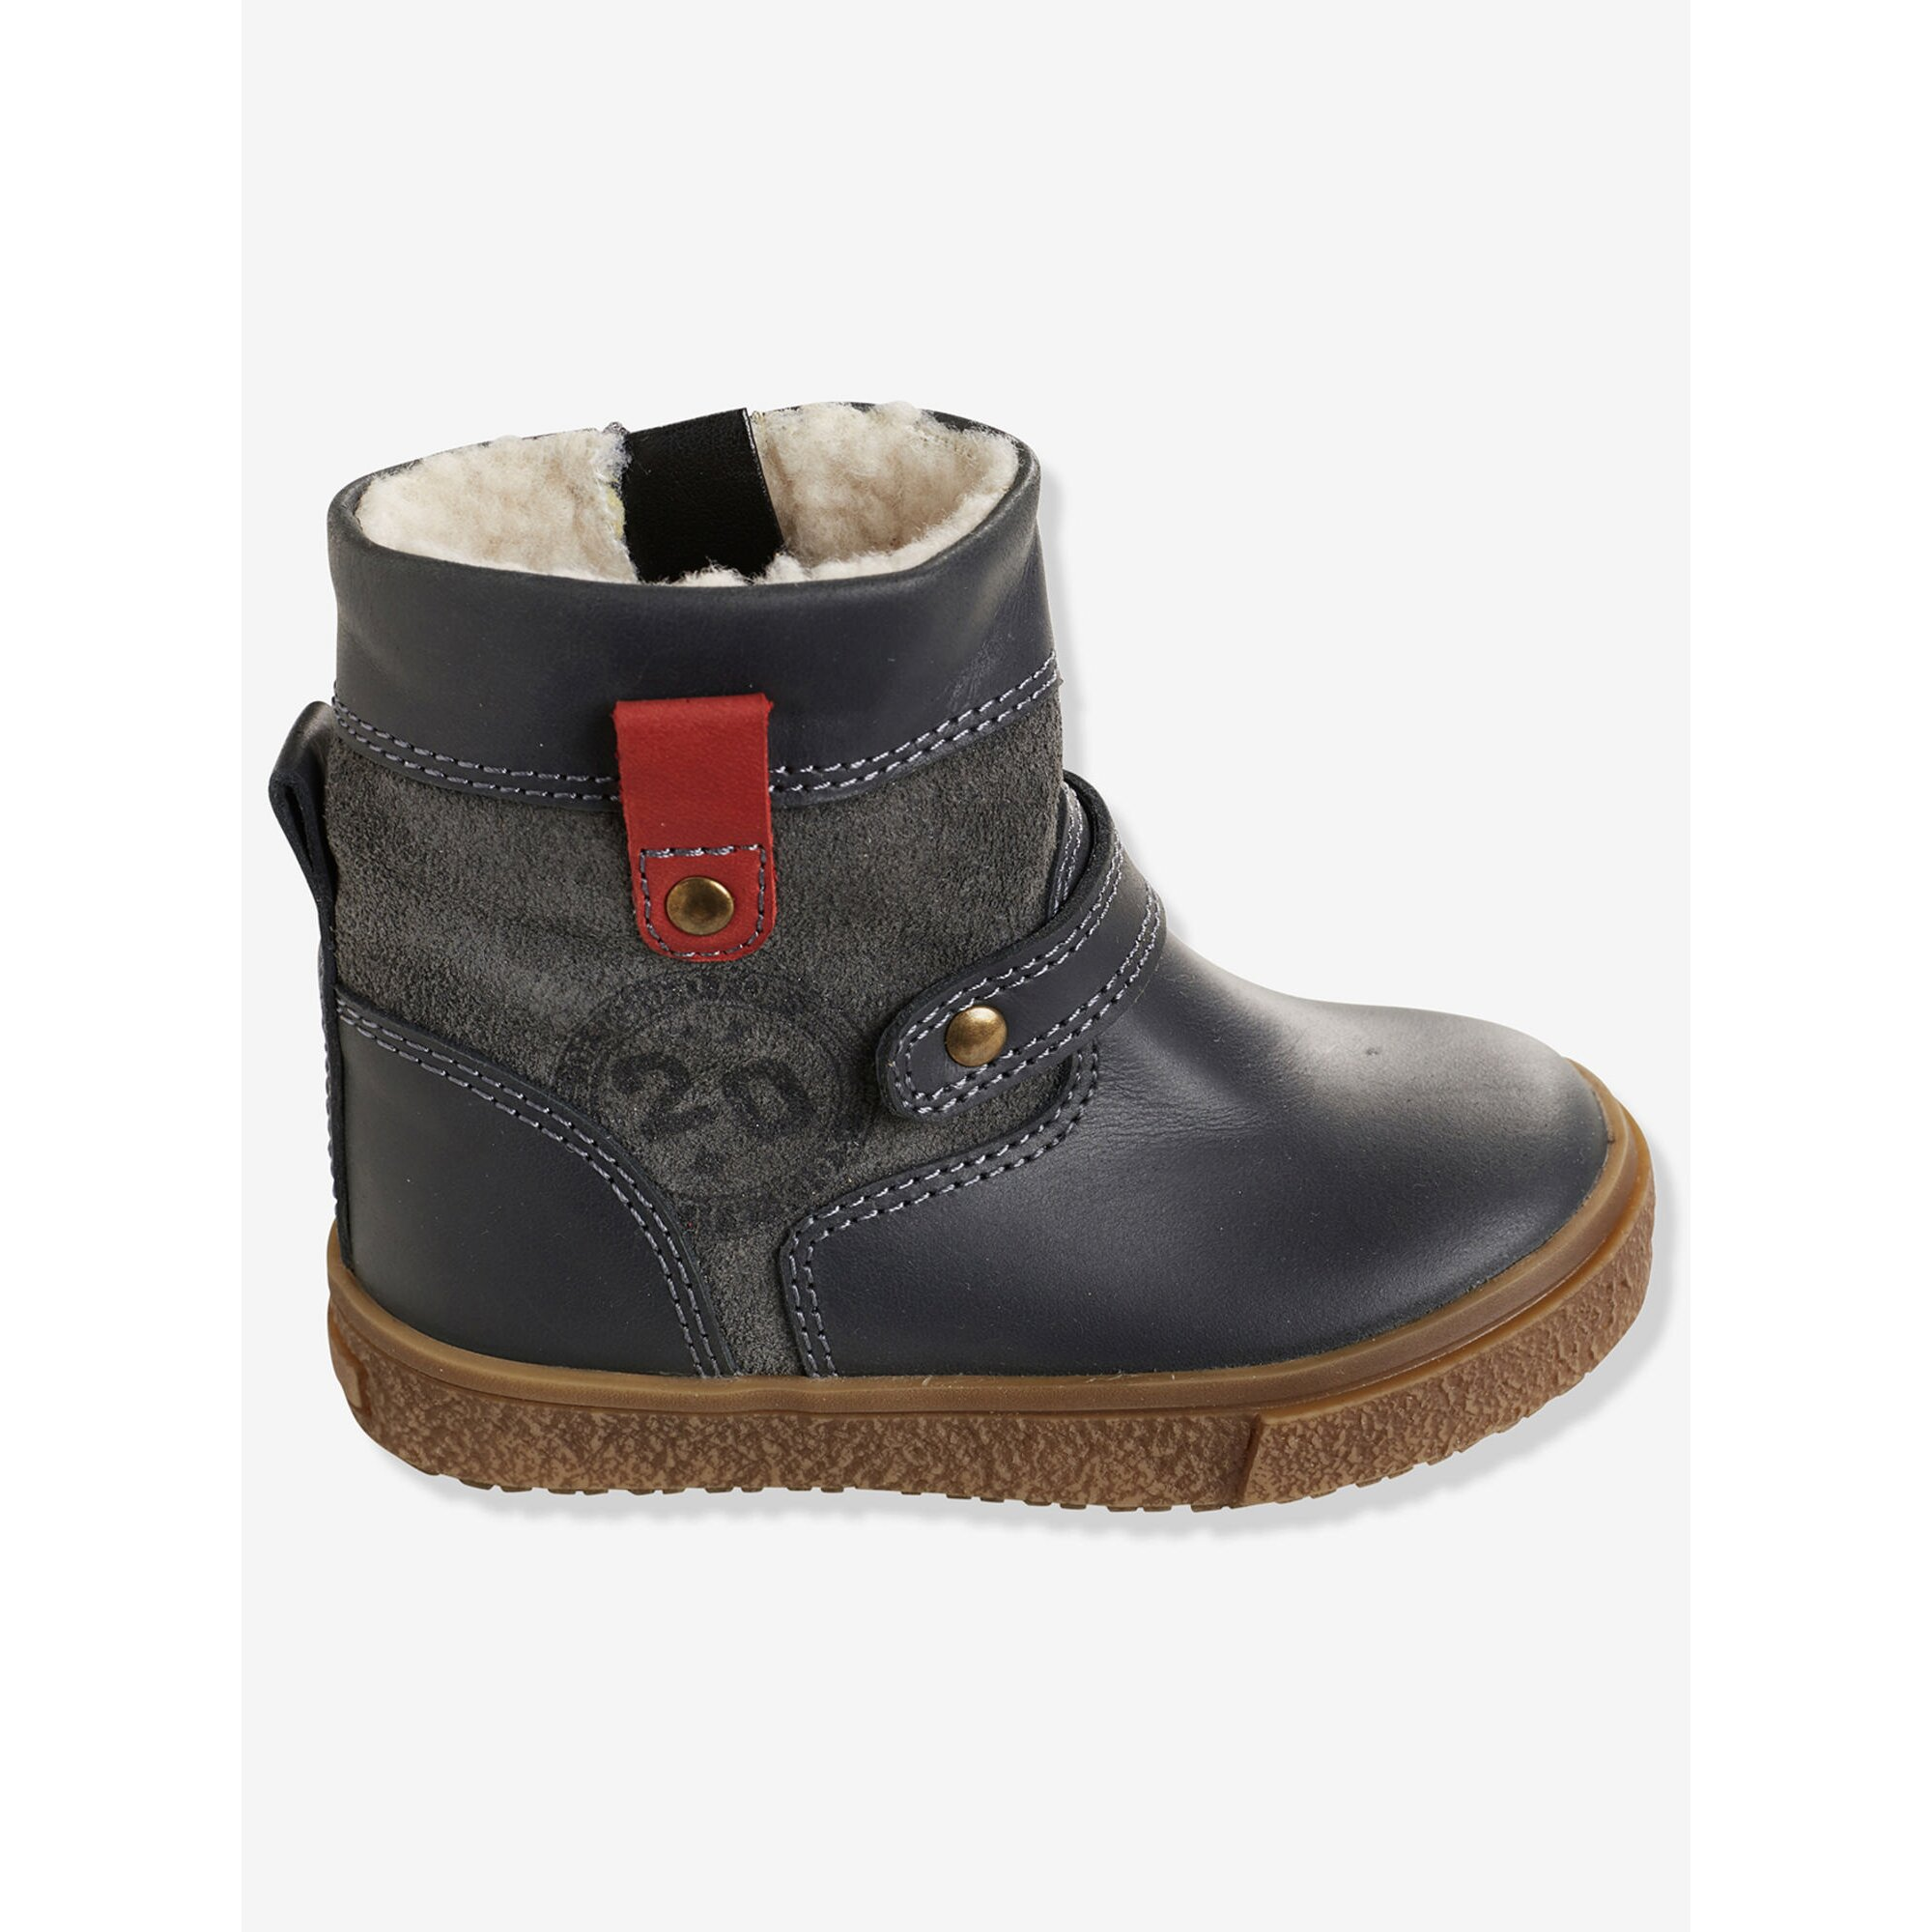 vertbaudet-warmfutter-leder-boots-fur-jungen